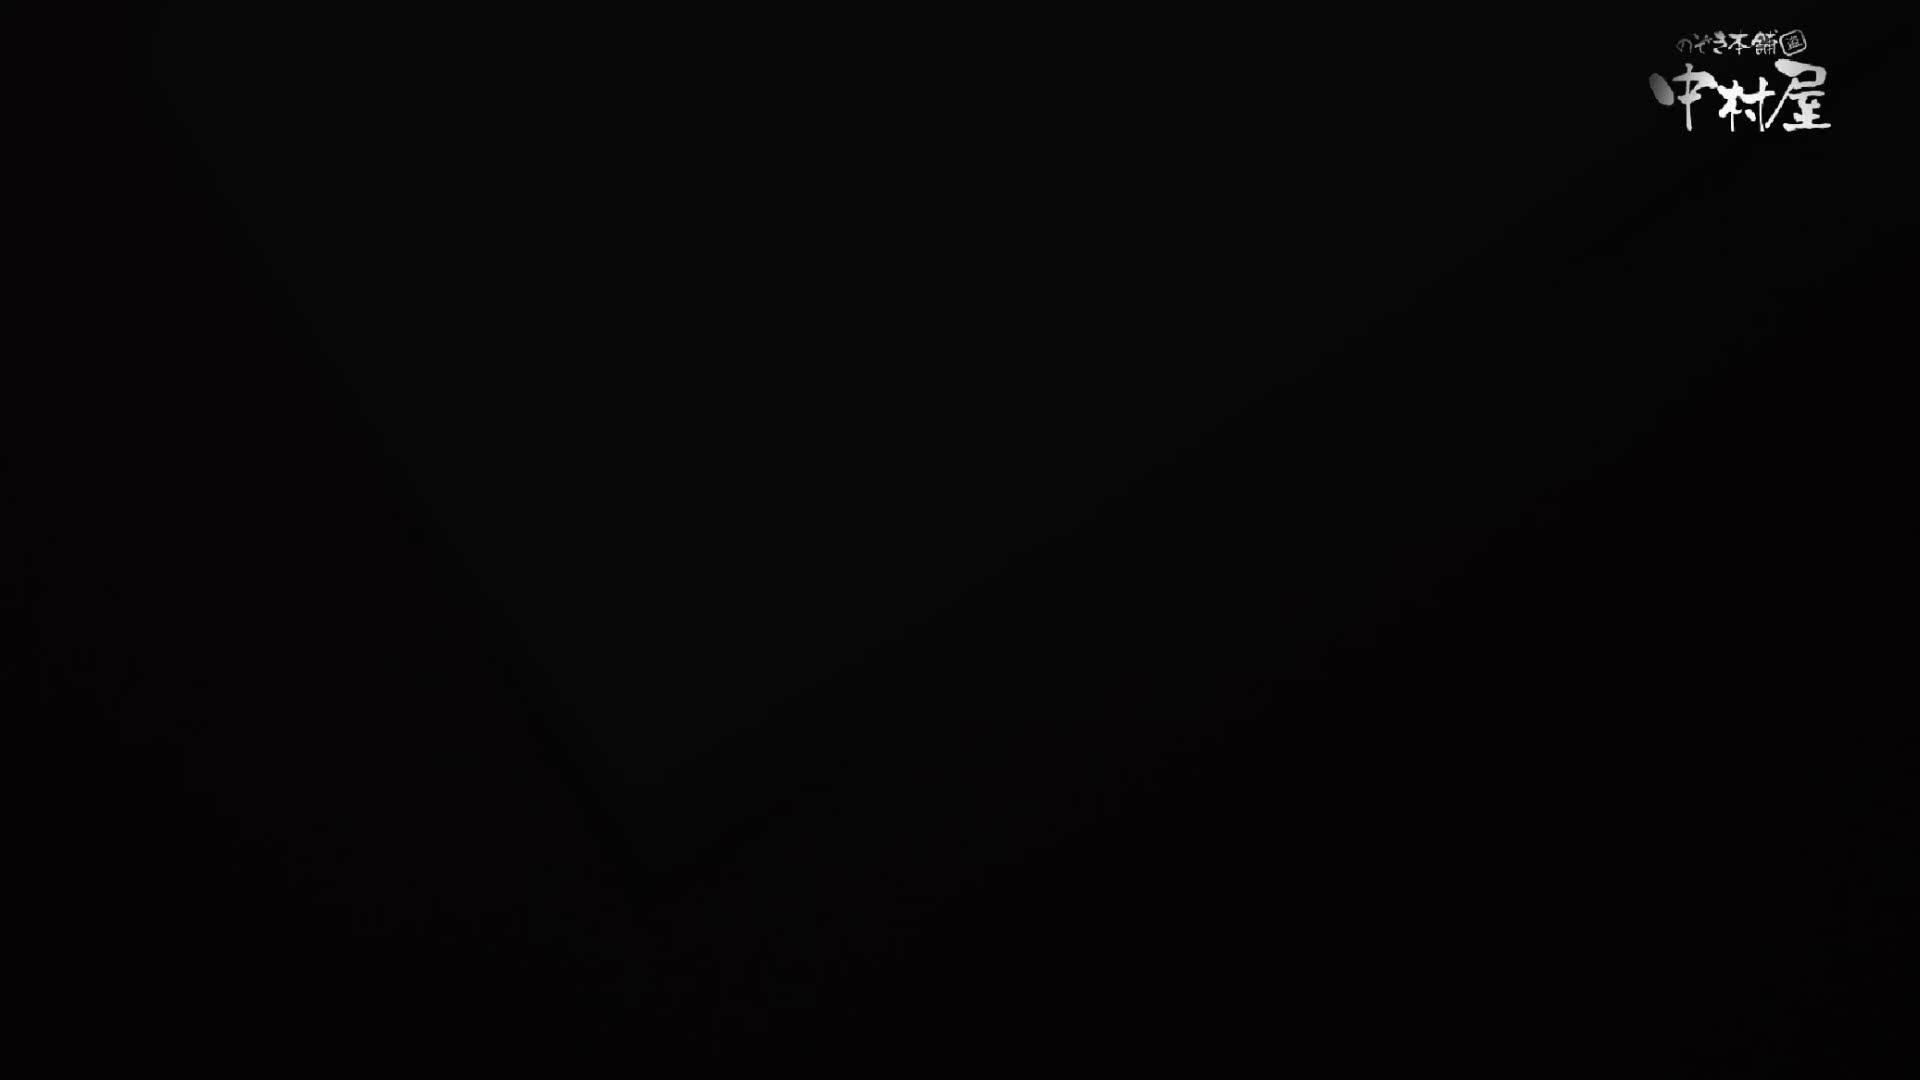 魂のかわや盗撮62連発! 日焼けギャル! 61発目! 盗撮 隠し撮りオマンコ動画紹介 101連発 34